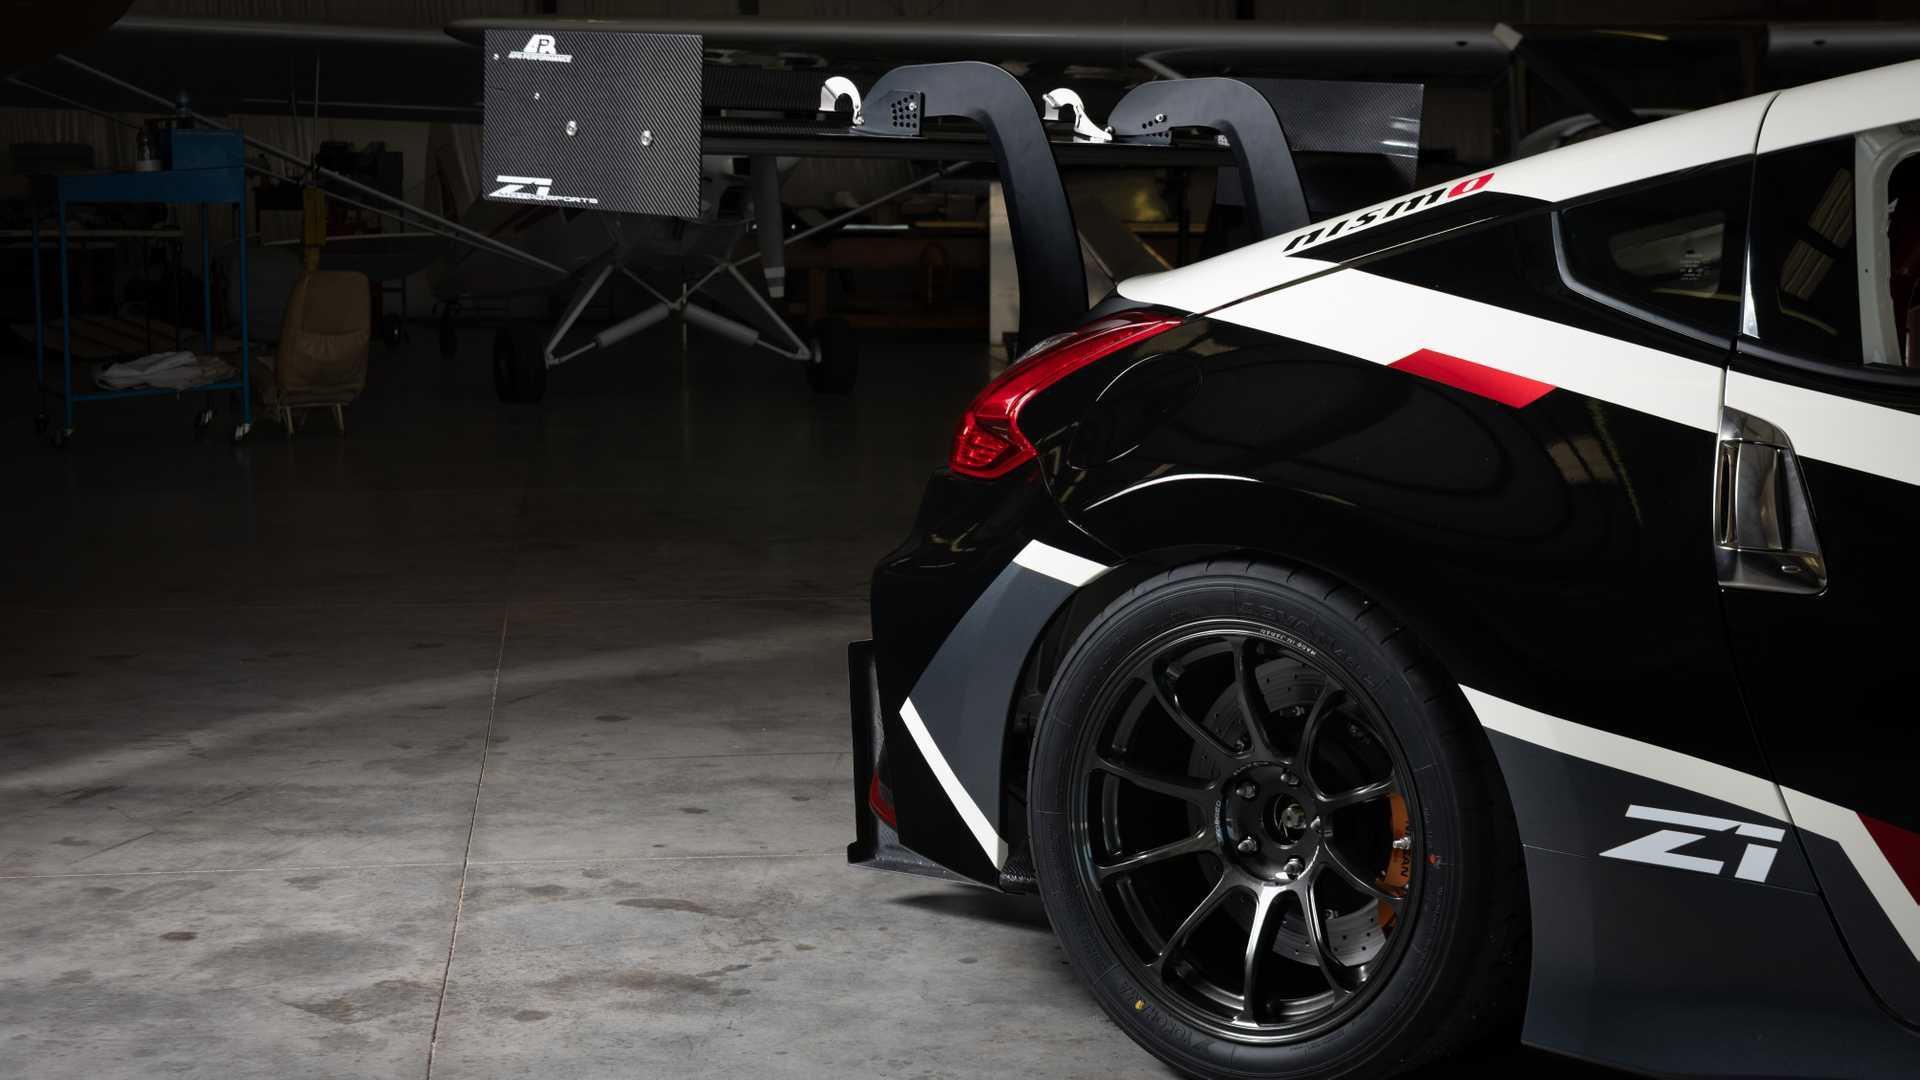 nissan-370z-by-z1-motorsports-une-bete-de-course-1147-2.jpg